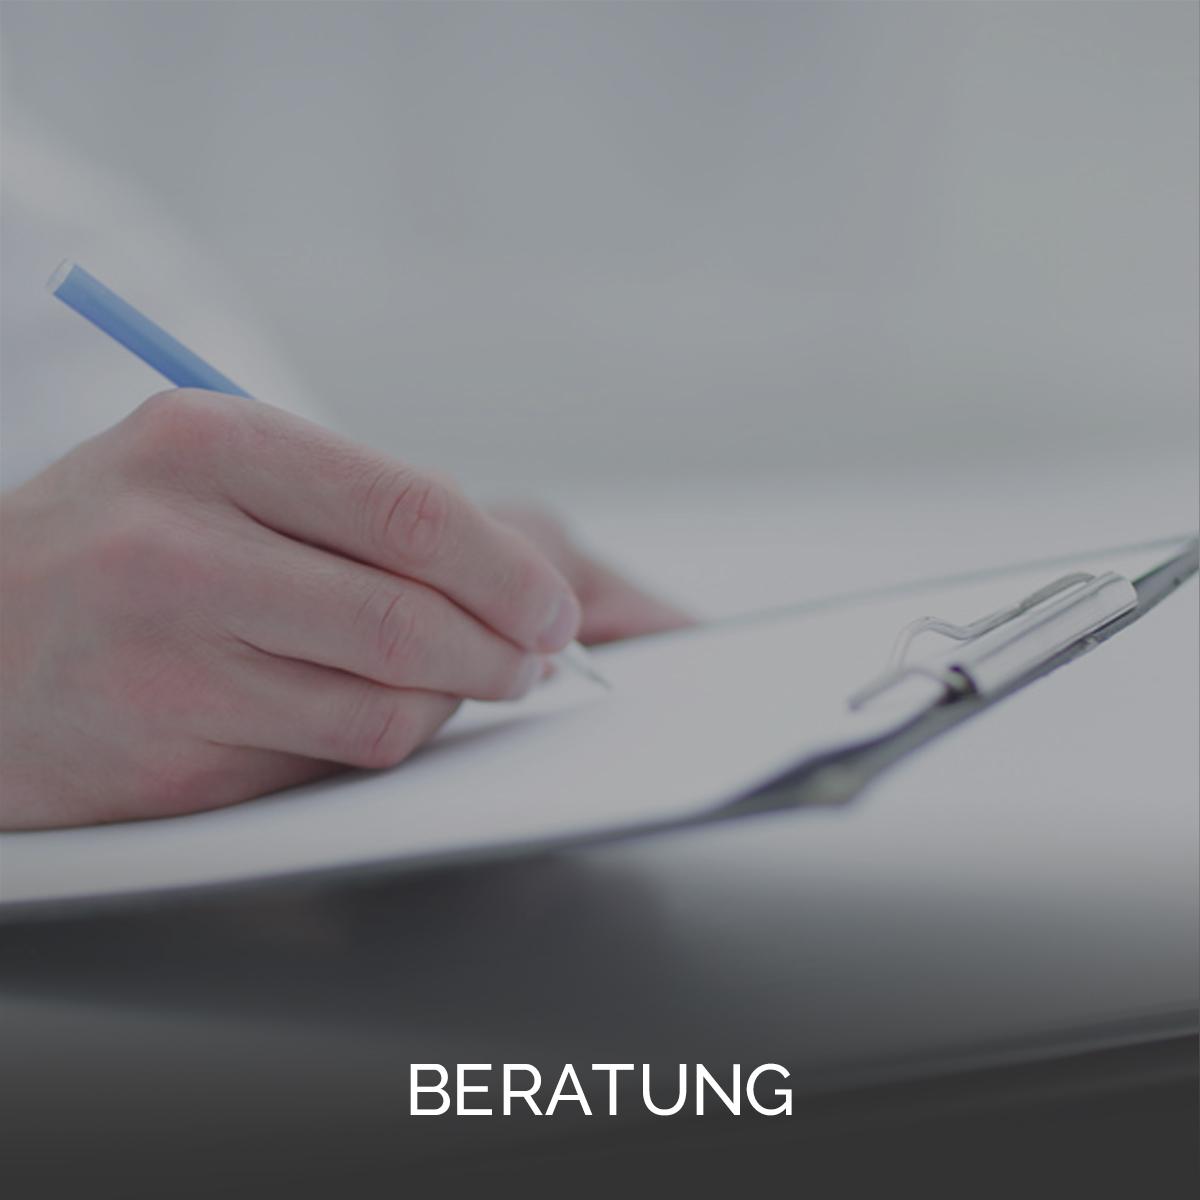 Zahnarzt in Berlin Mitte: Beratung. Unser Ziel ist eine individuelle Zahnbehandlung ohne Hektik. Modernste Behandlungsmethoden und vor allem Ihre persönliche Beratung stehen dabei im Vordergrund.